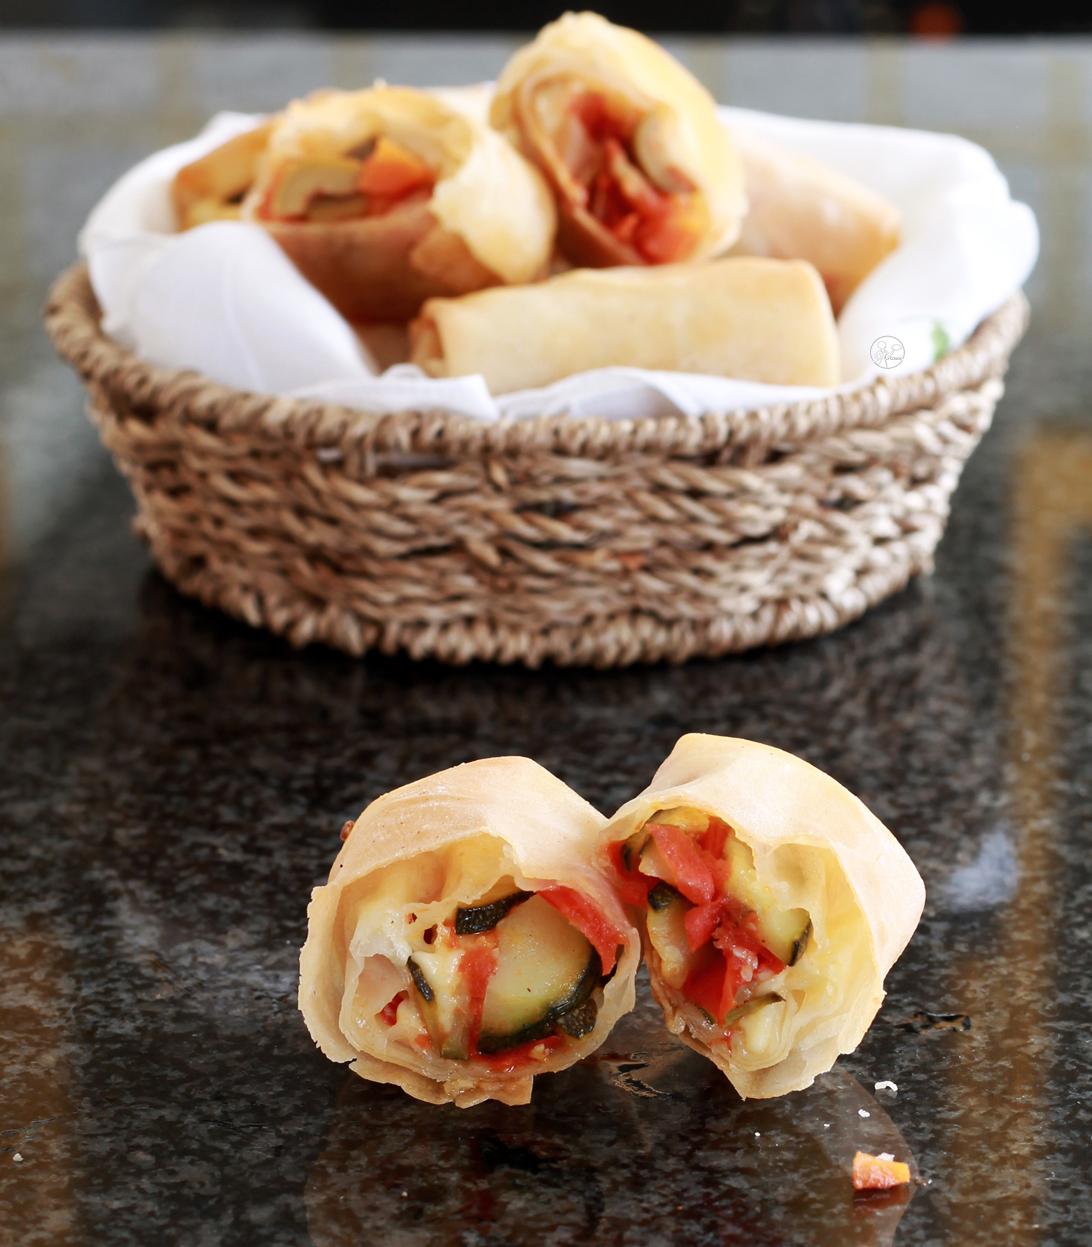 Pâte filo sans gluten en vidéo - La Cassata Celiaca